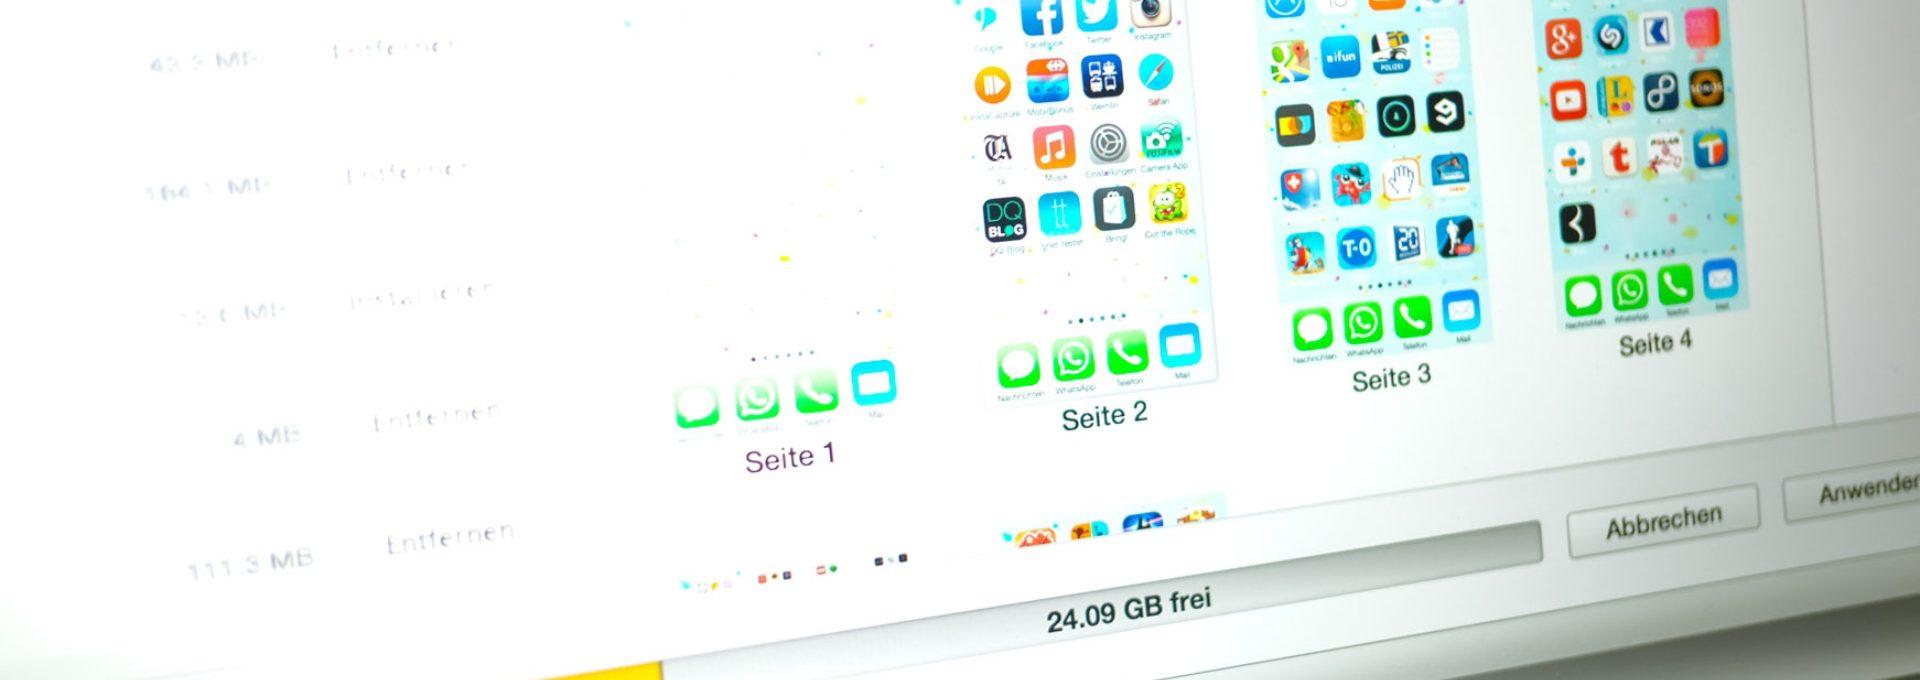 Das Bild veranschaulicht die Seiten vom iPhone Menü mit vielen Apps.